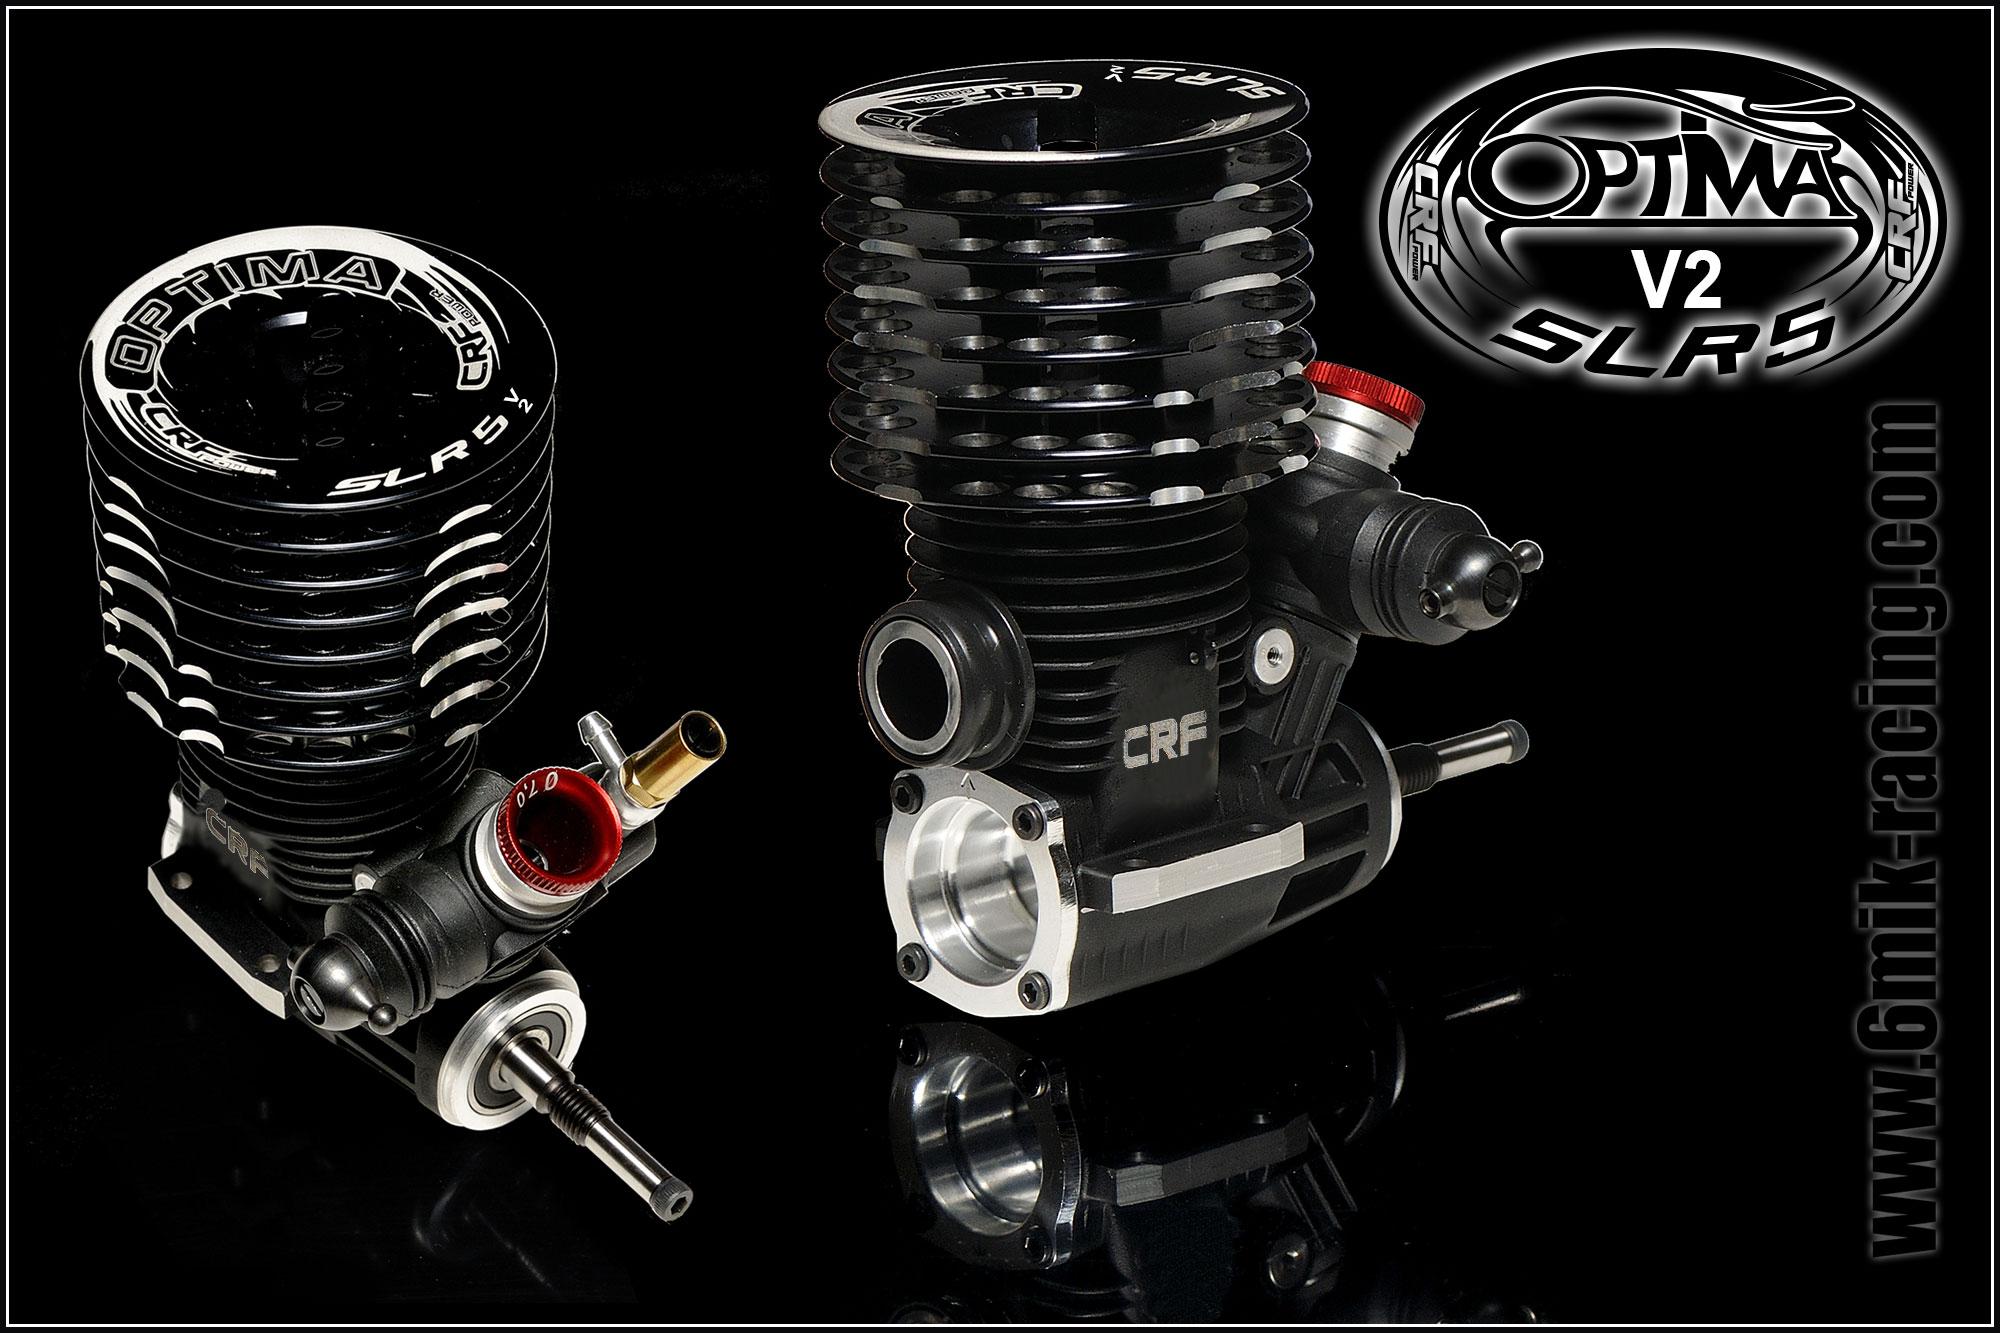 SLR5-V2-2000